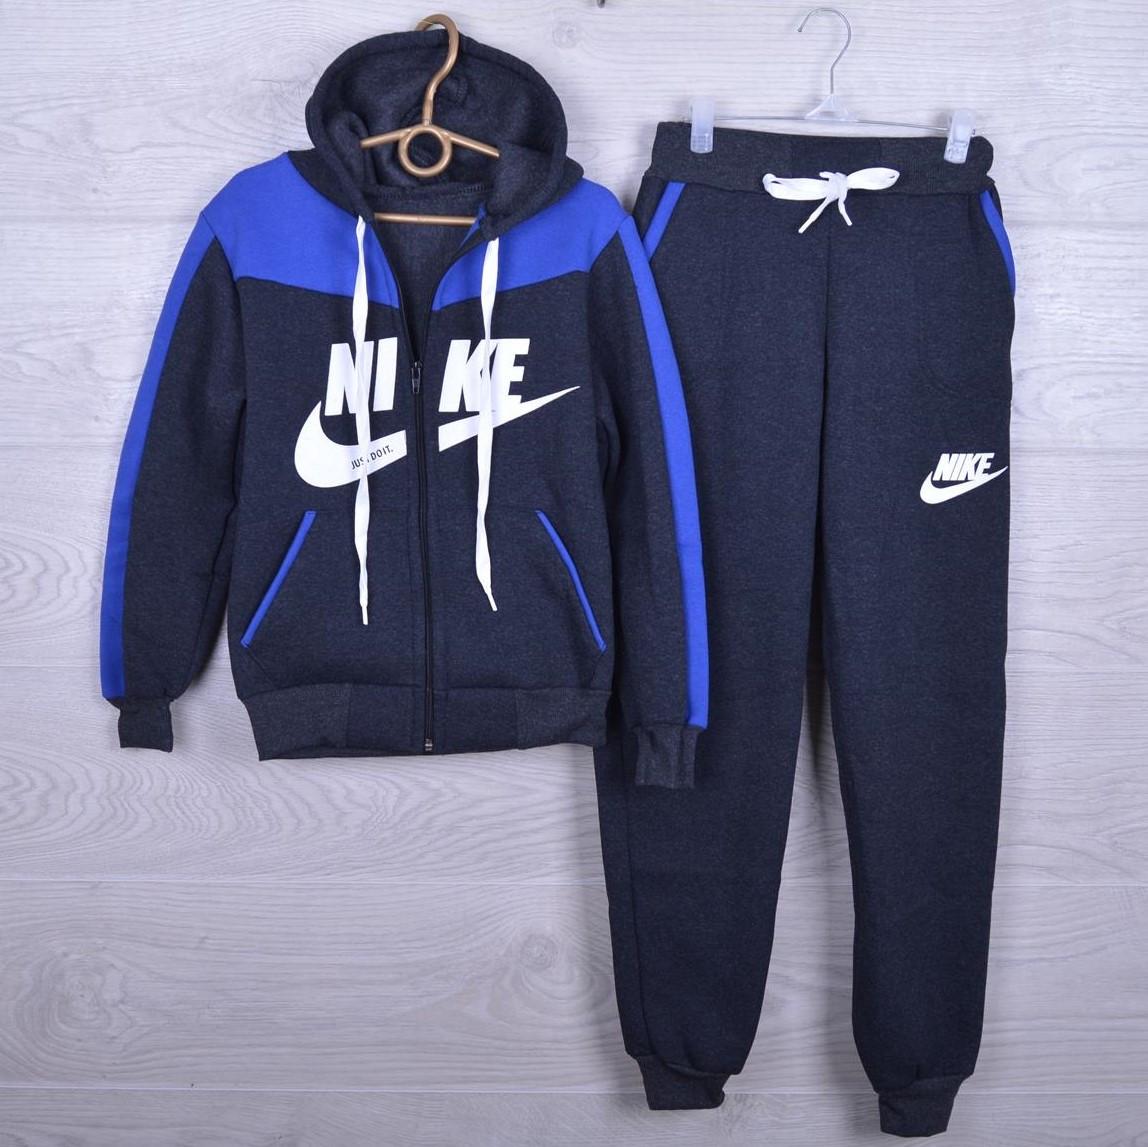 """Утепленный спортивный костюм на флисе """"Nike реплика"""" для мальчиков. 7-12 лет. Темно-серый+электрик. Оптом"""